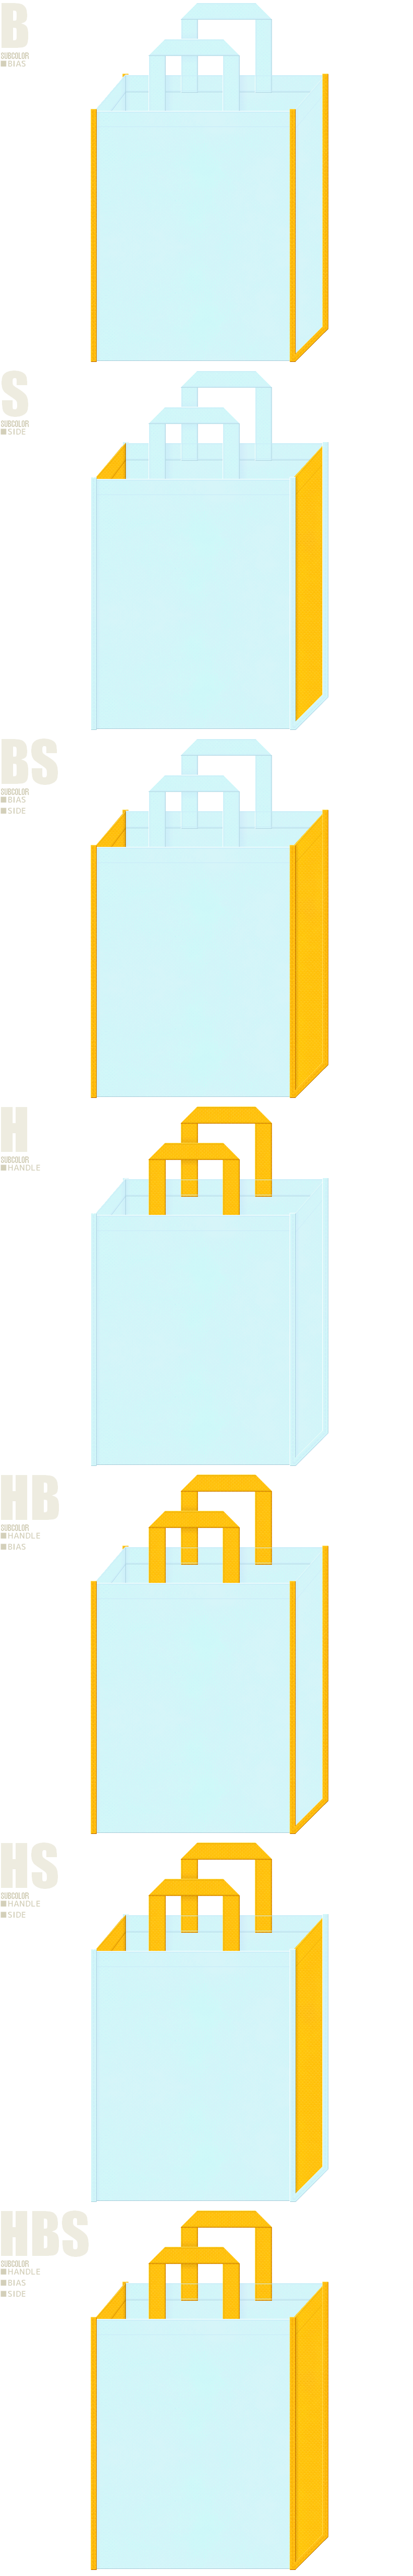 水色と黄色-7パターンの不織布トートバッグ配色デザイン例:サプリメントにお奨めの配色です。